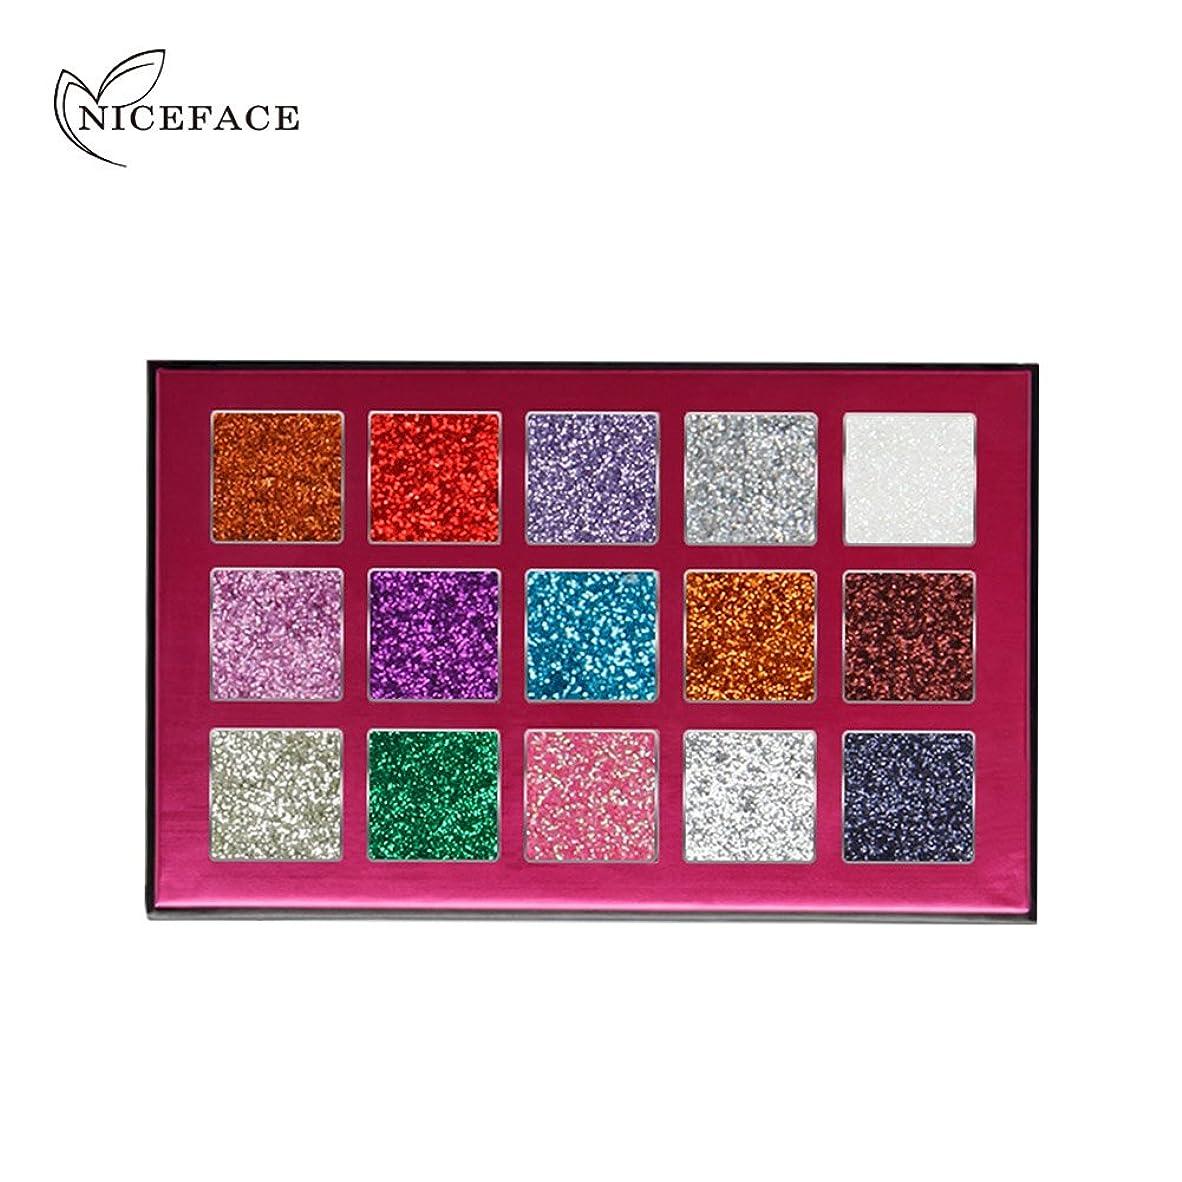 ミスペンドスーパーマーケット純正アイシャドーパレット、15色長持ちグリッターダイヤモンドアイシャドー化粧品(1)